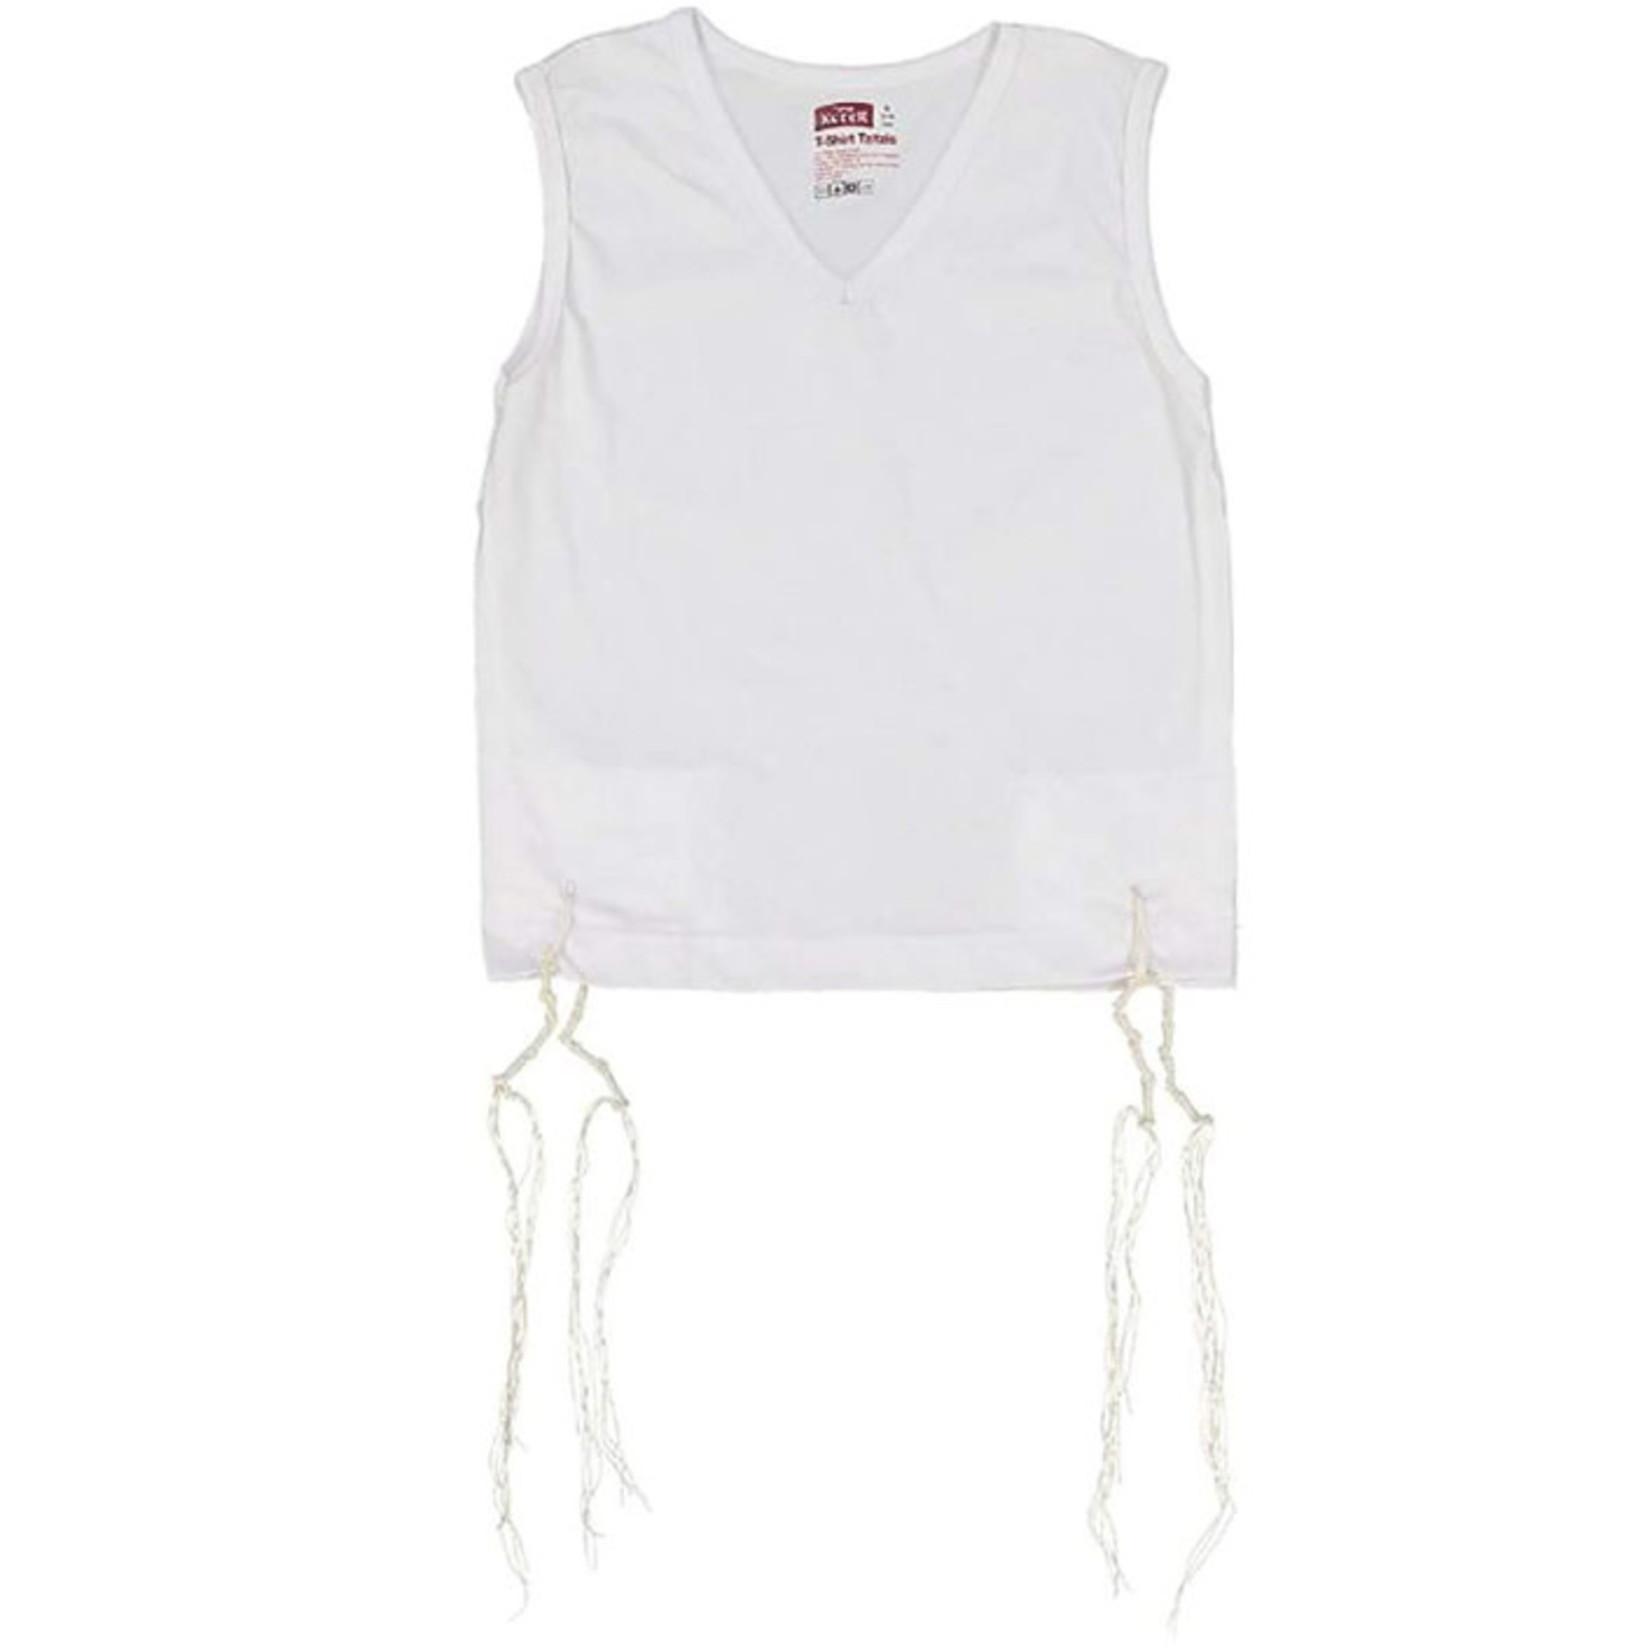 Undershirt-Style Arbah Kanfot, 100% Cotton, V-Neck, Size S